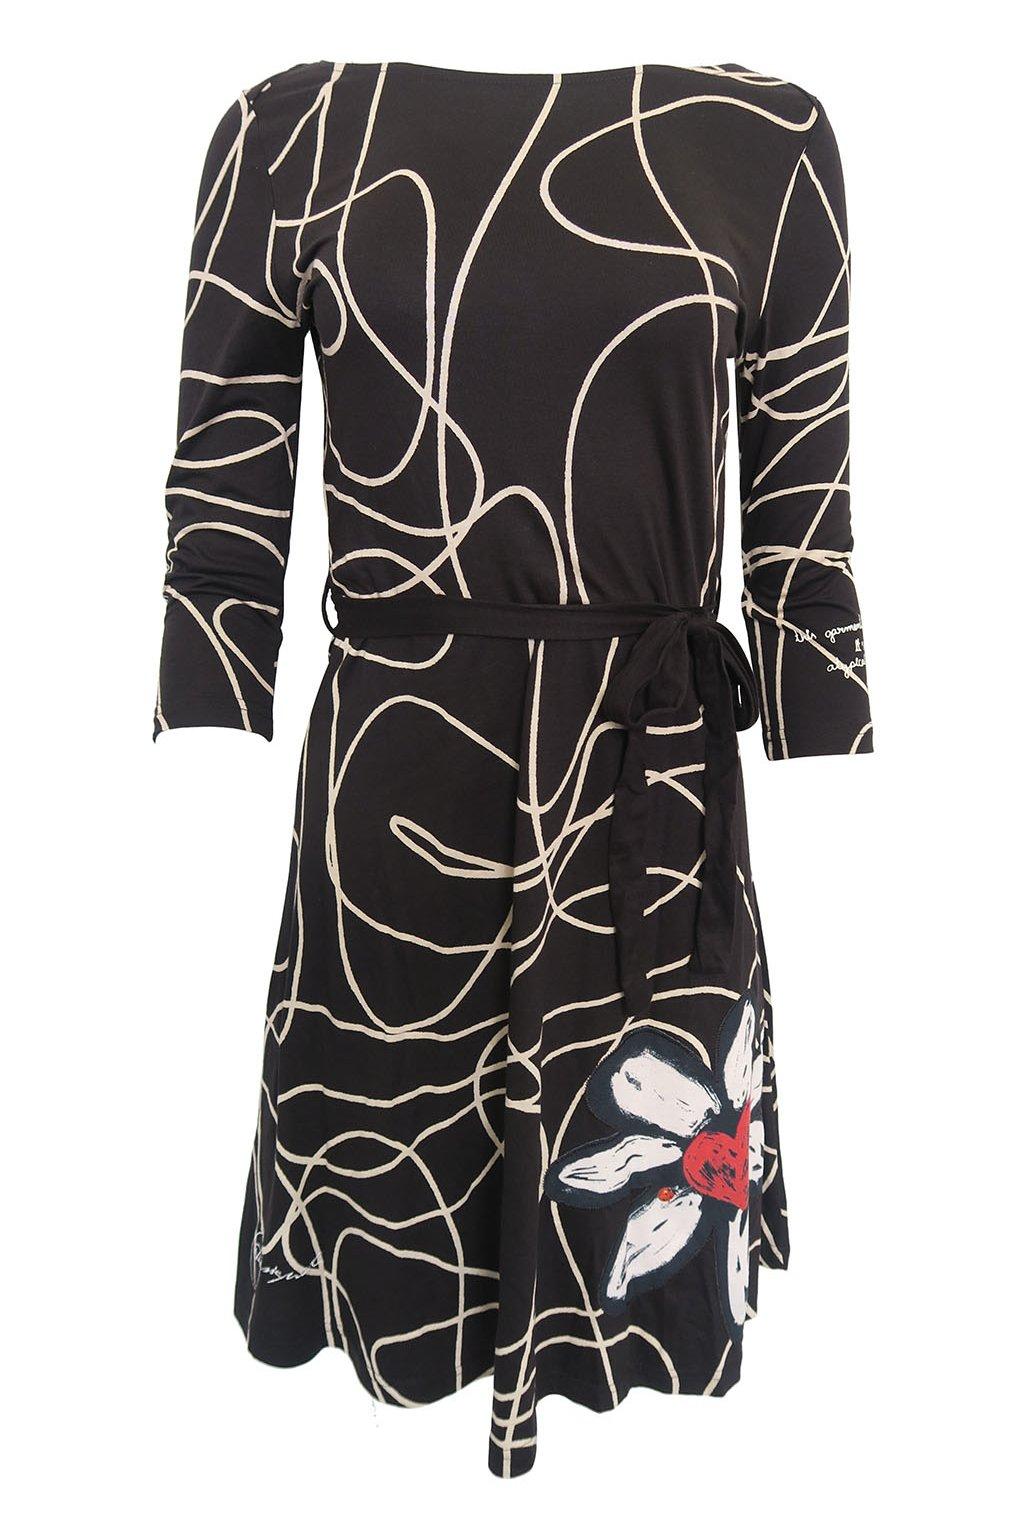 Černé šaty se vzory a květinou Desigual